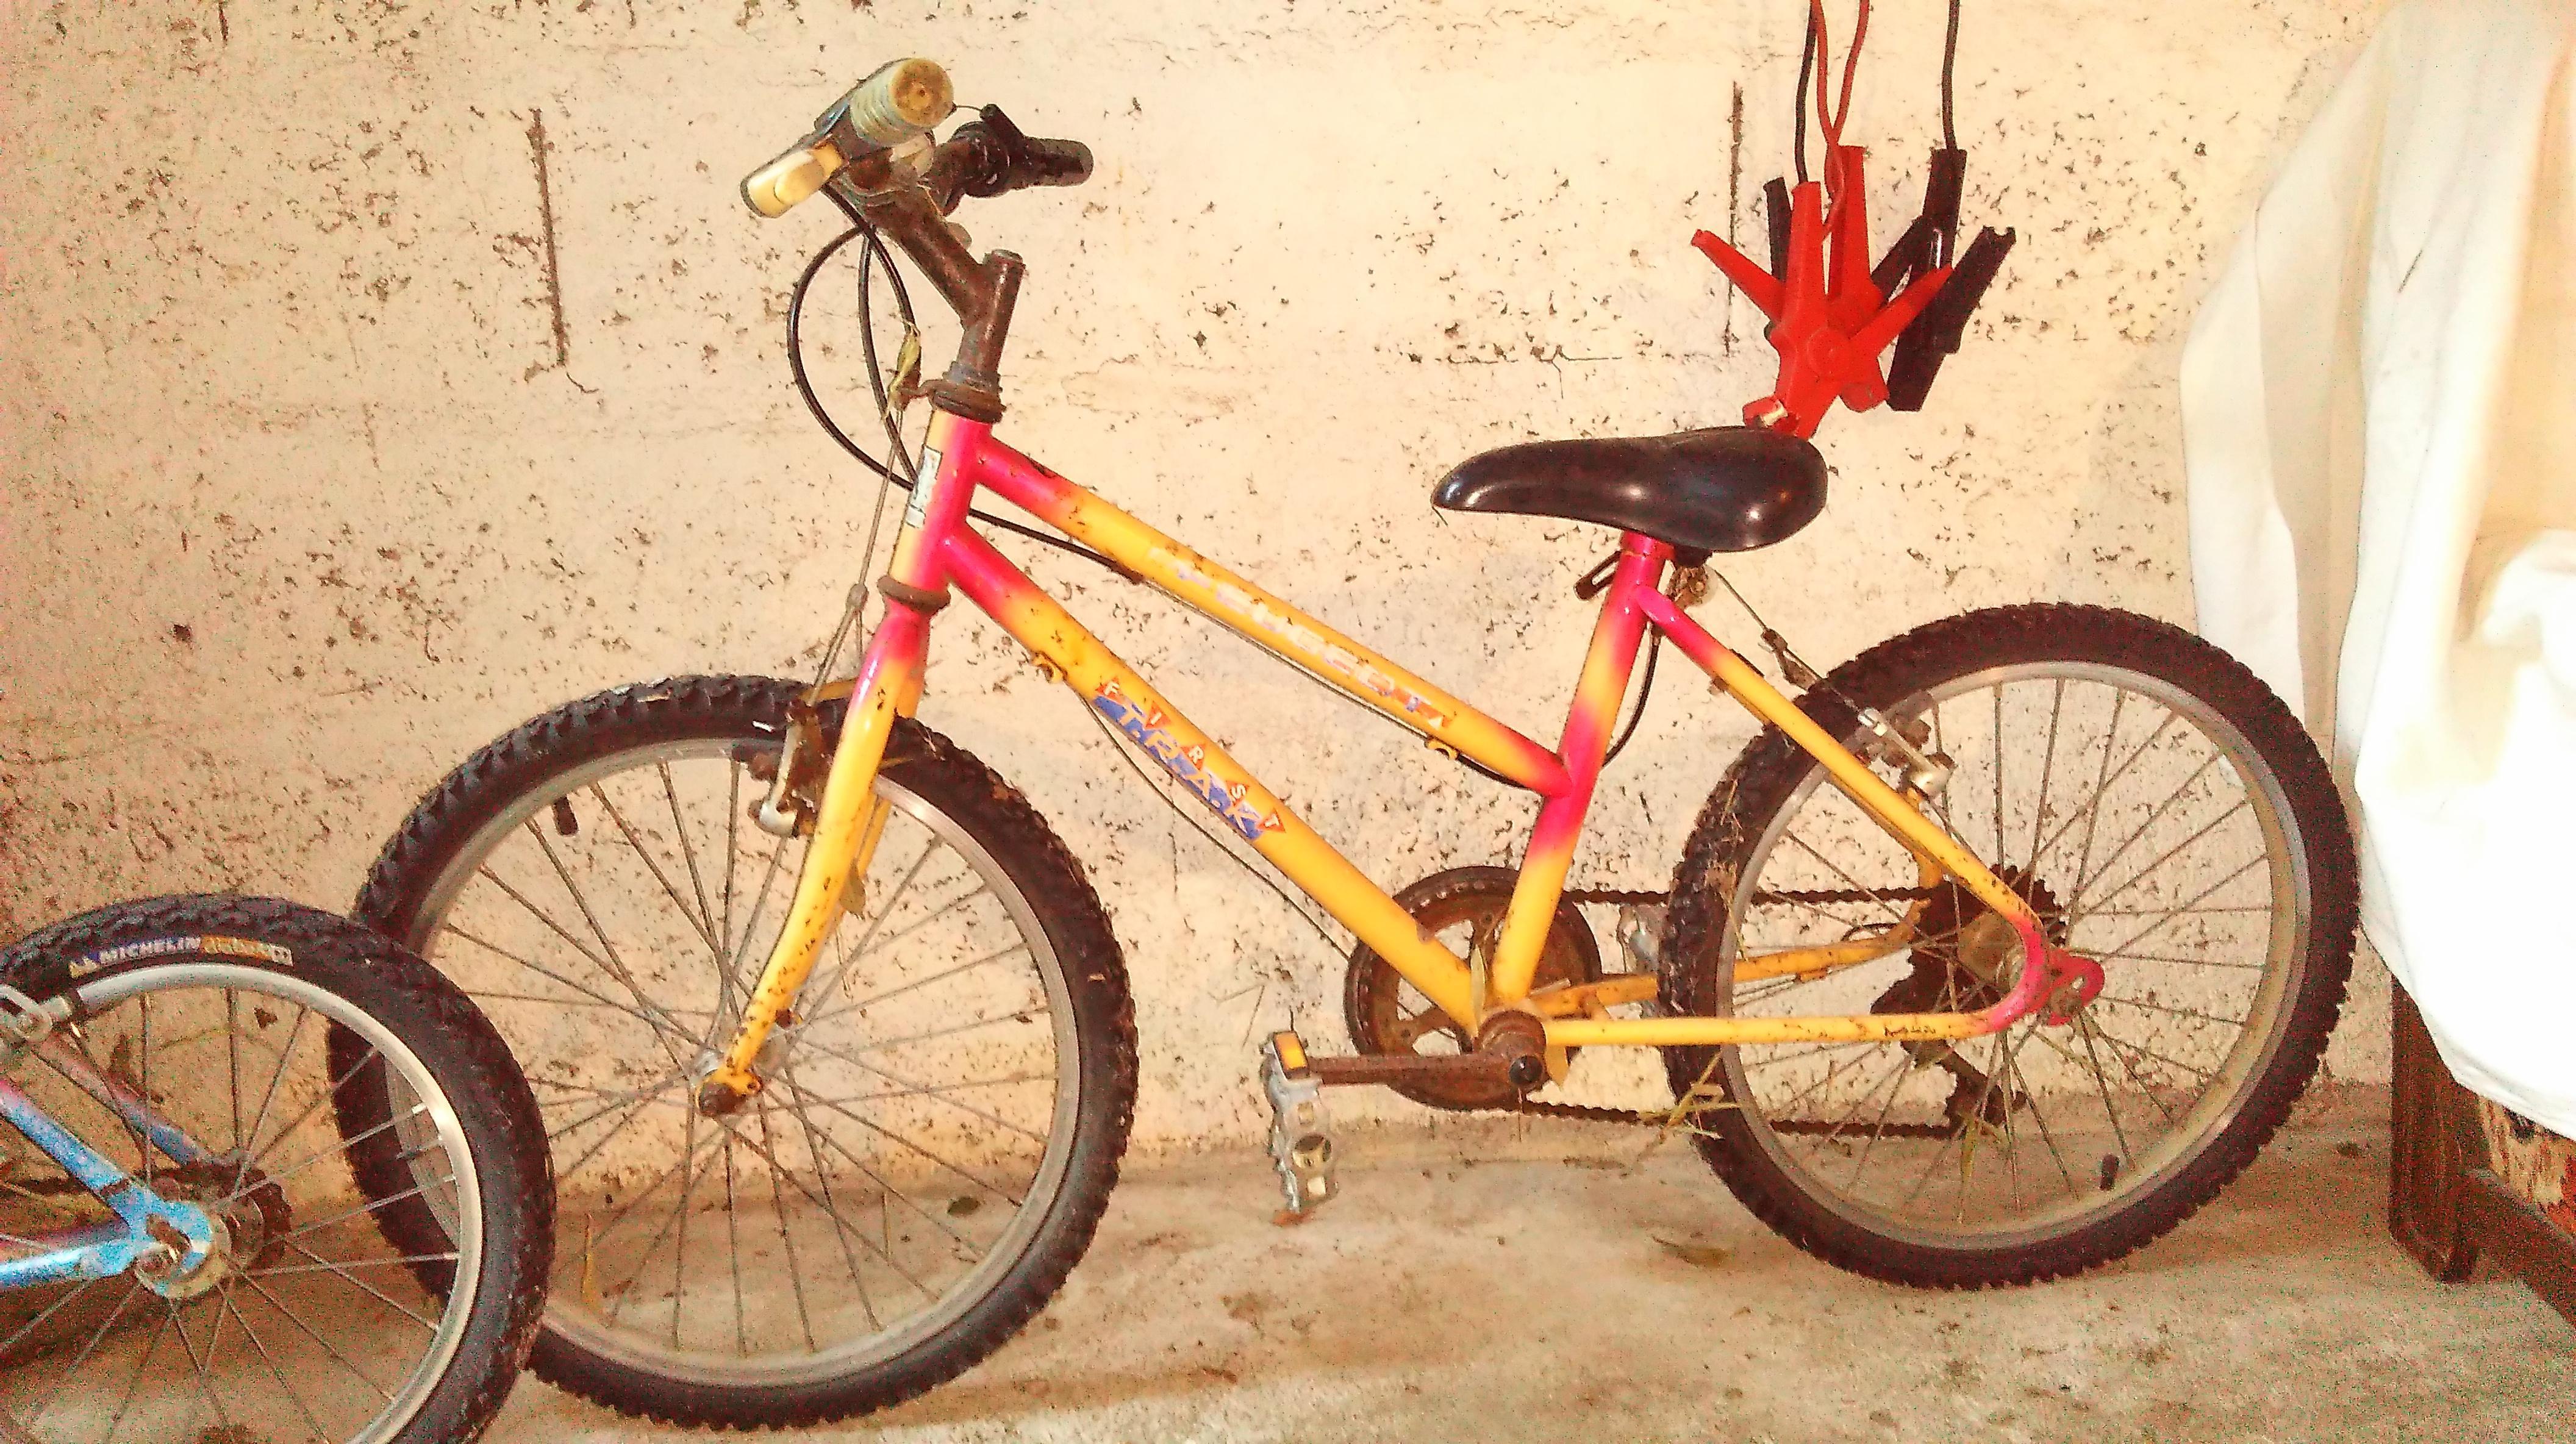 troc de troc 2 vélos enfant image 1